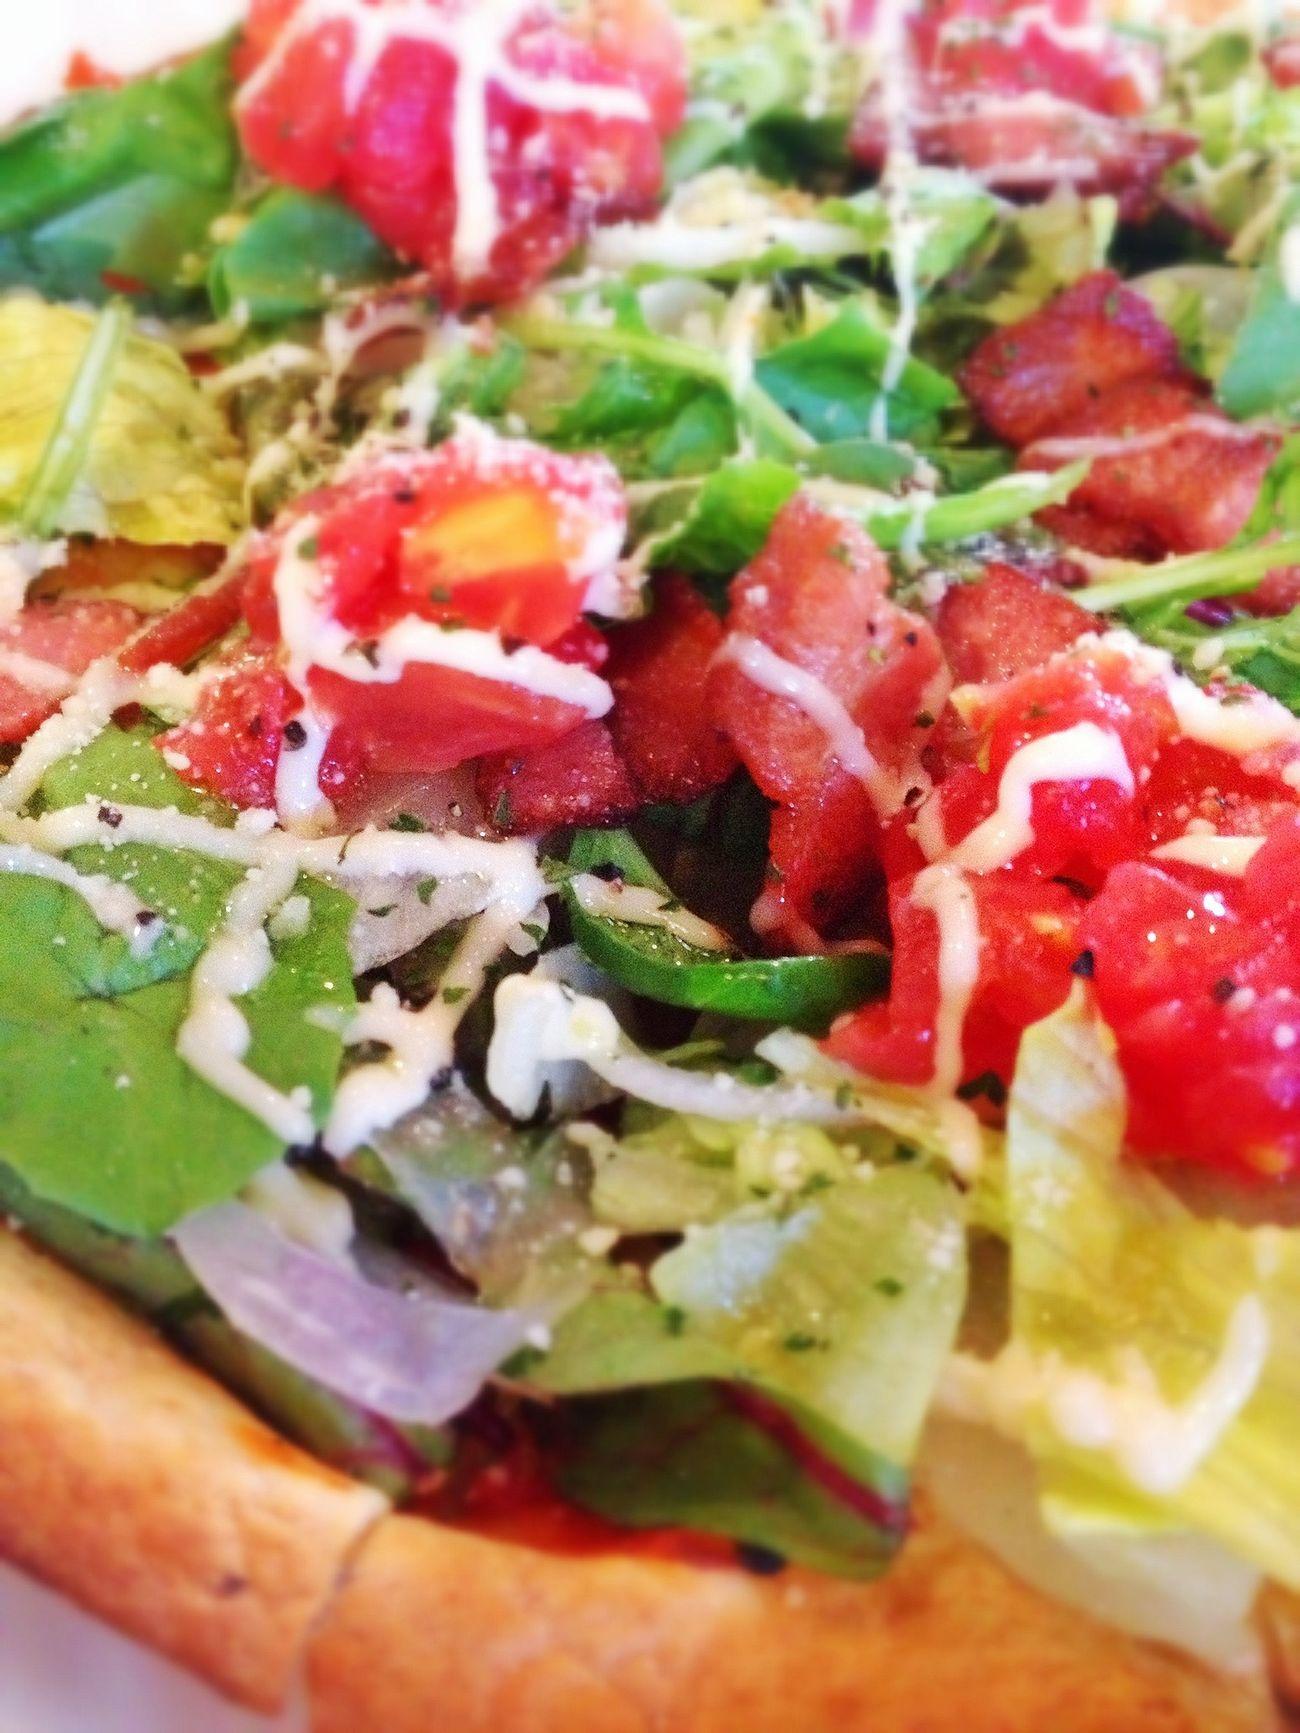 ここのサラダピザが好き(^-^) Lunch Break Time